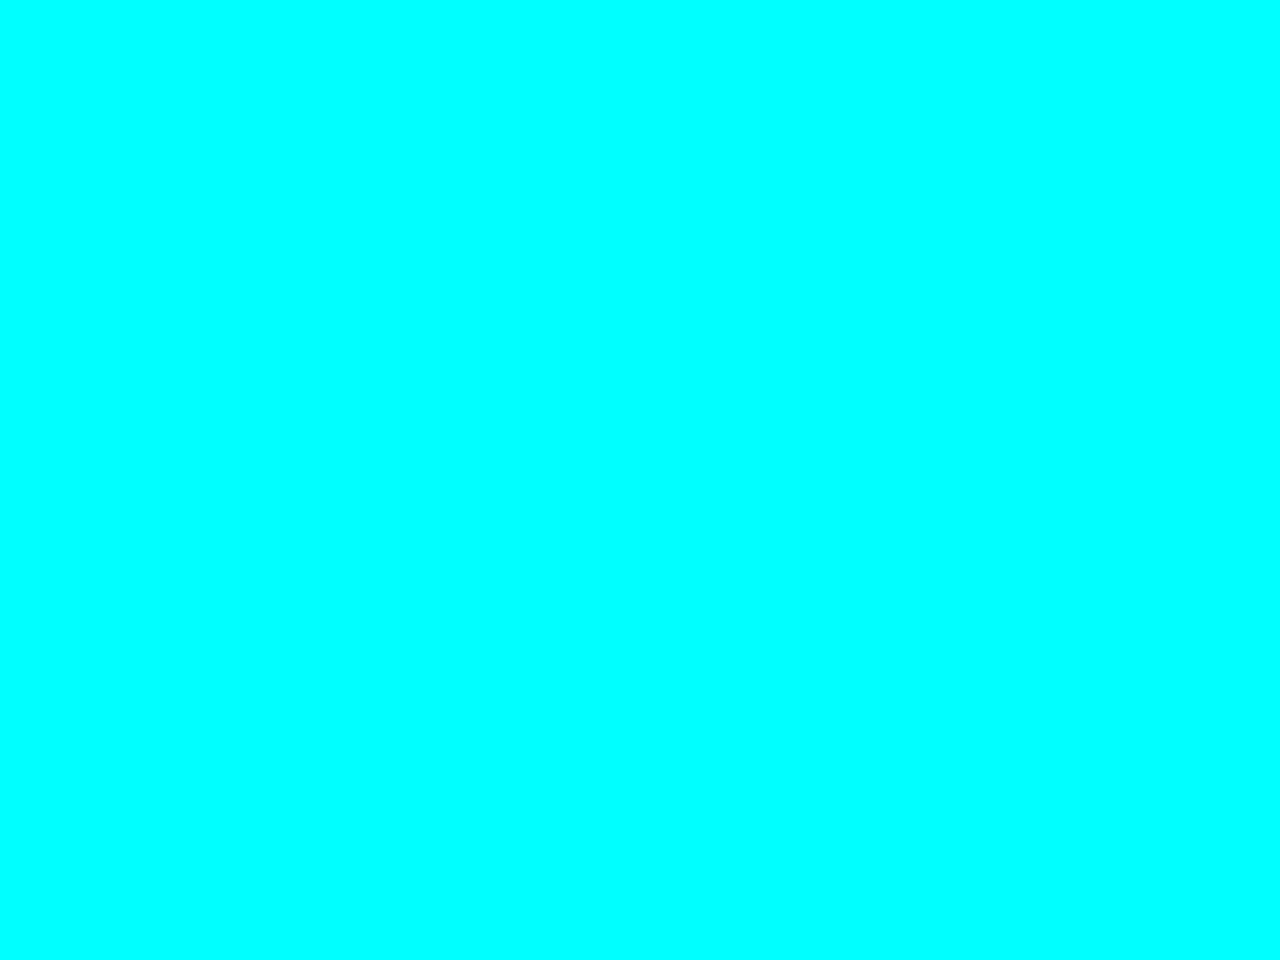 1280x960 Aqua Solid Color Background